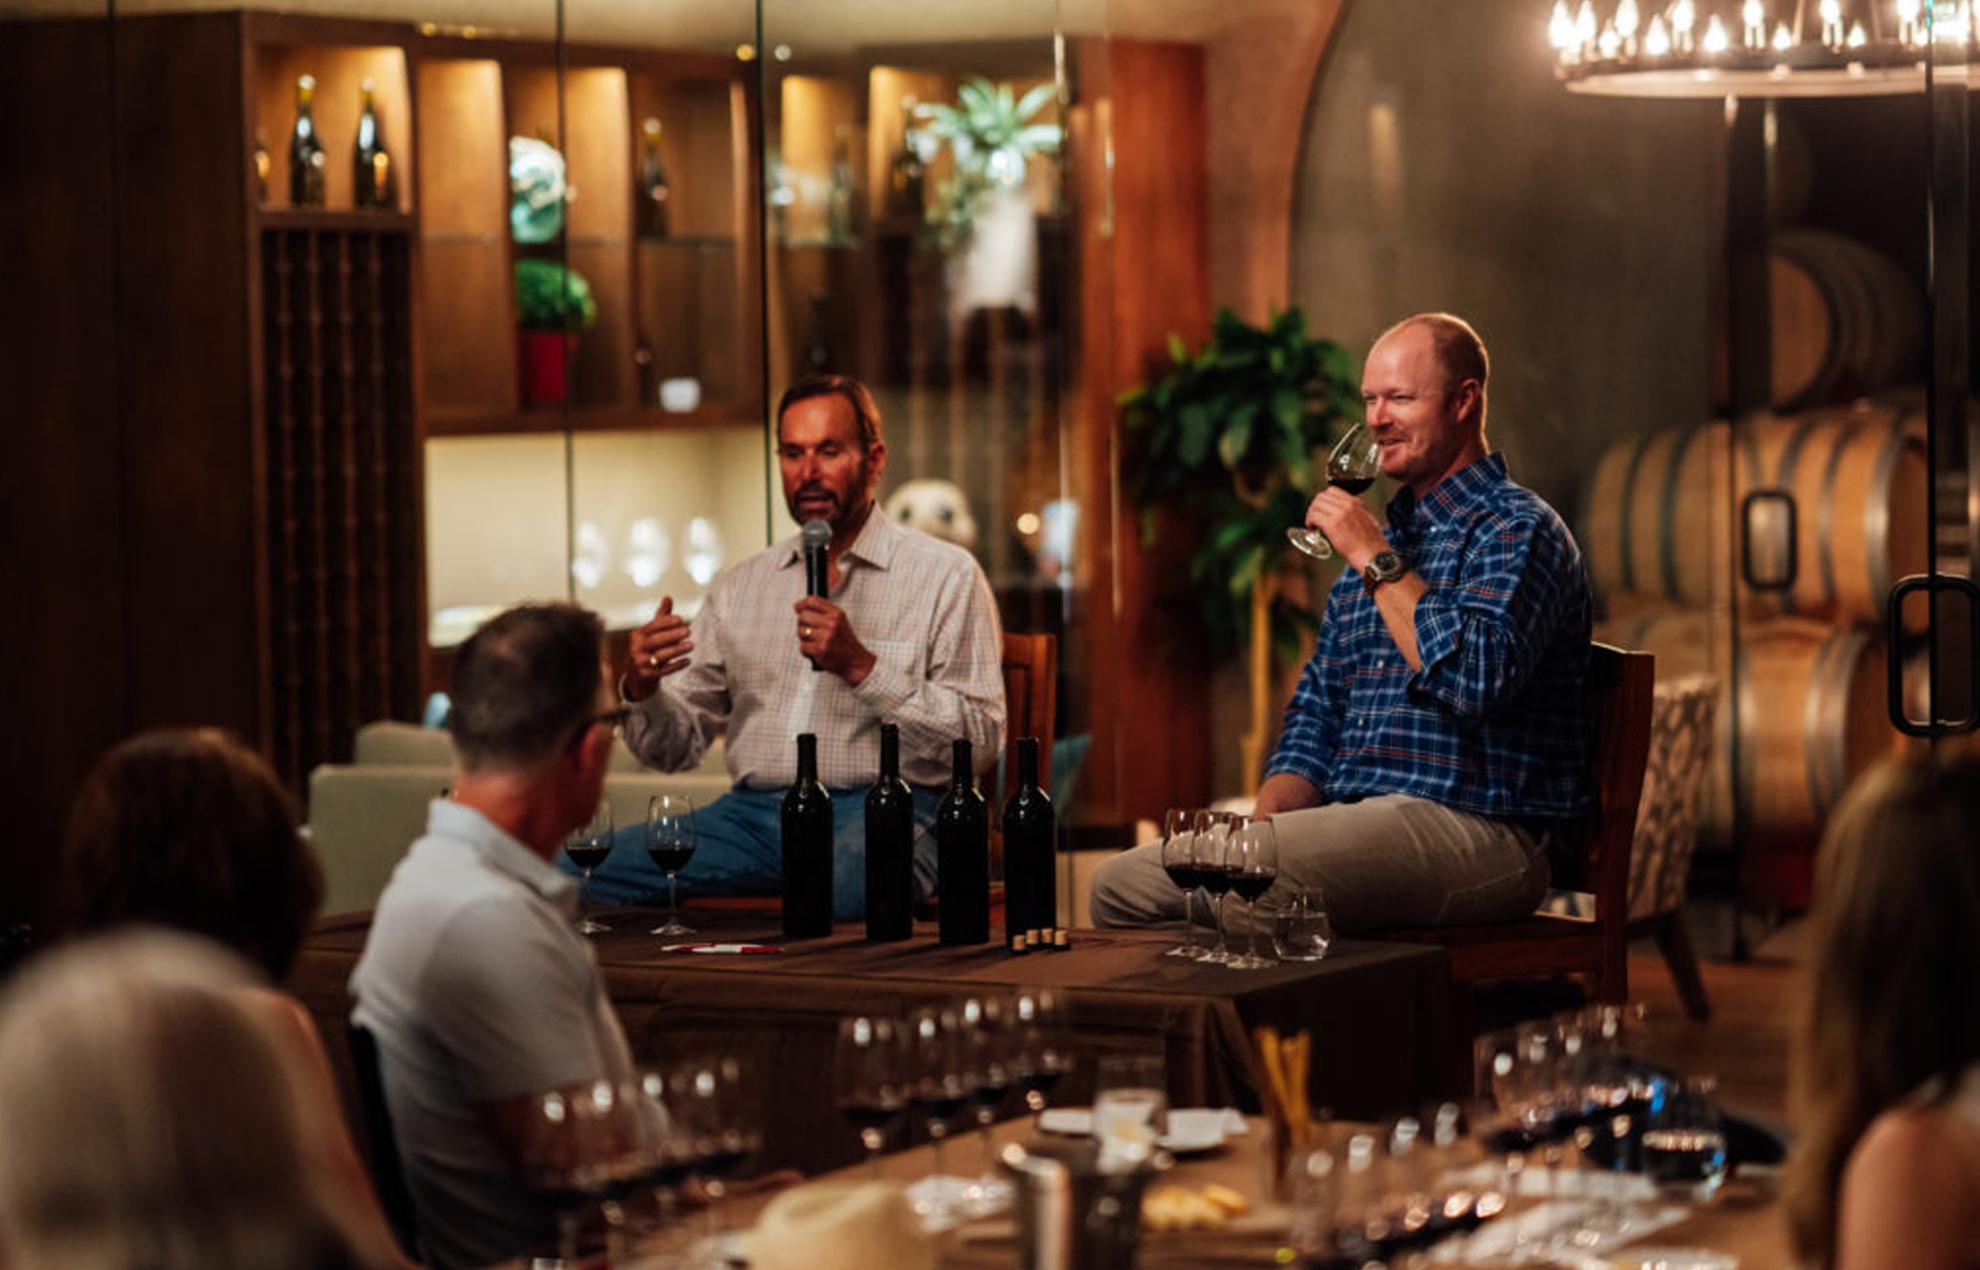 Deux hommes en train de parler devant un public lors d'une dégustation de vin dans une cave à vin.